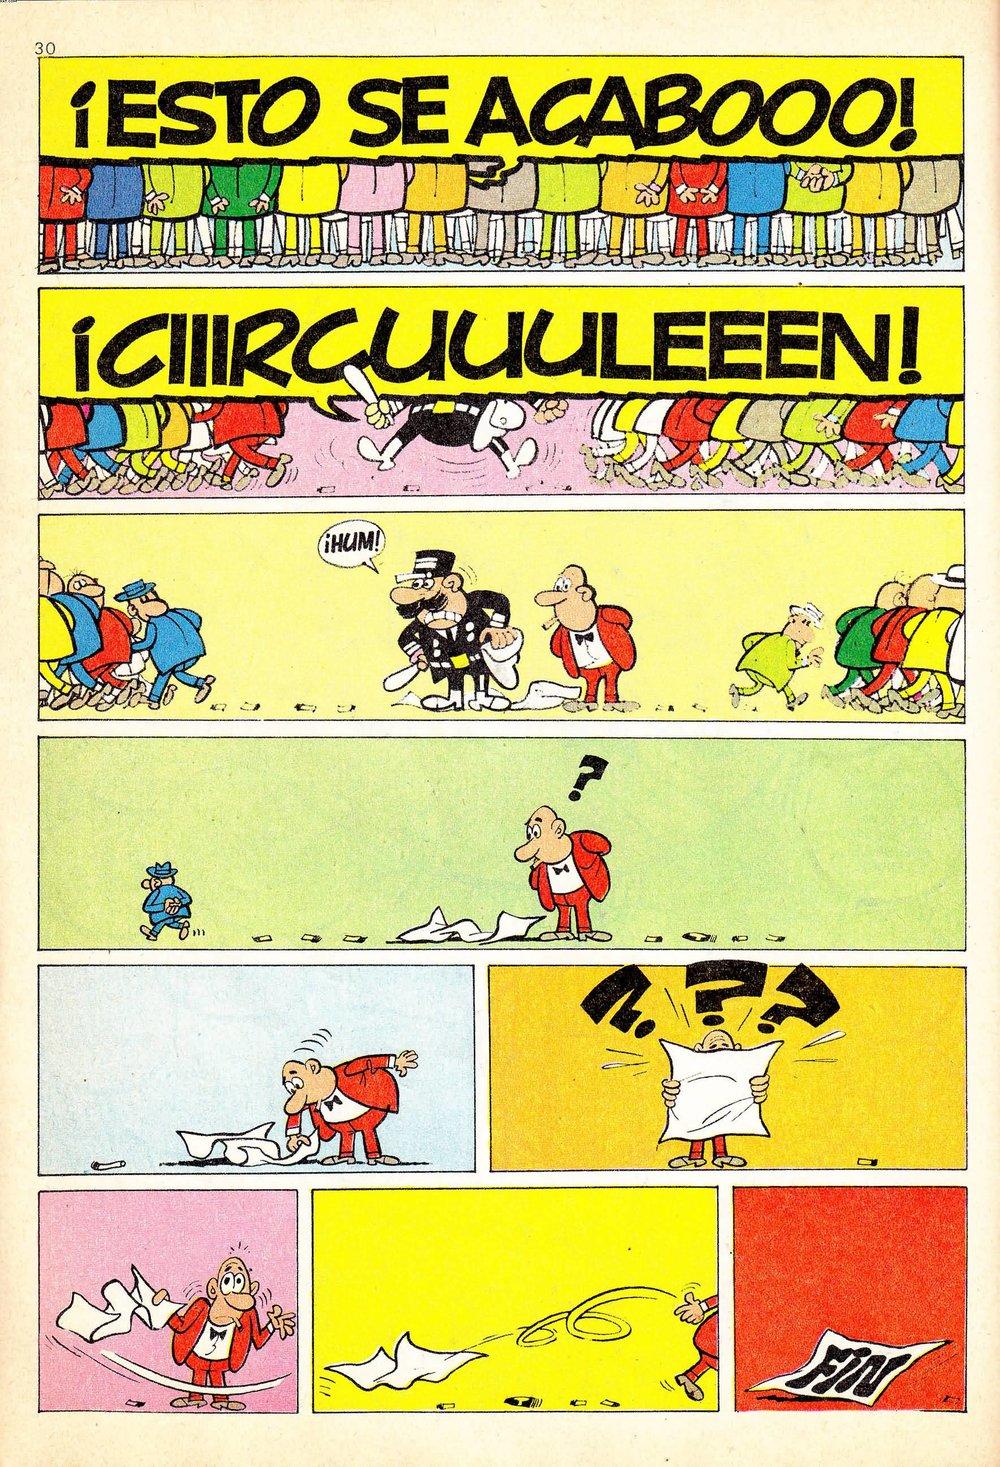 Mortadelo Especial 106: ¡Jua! ¡Jua! ¡Jua! , March 15 1981